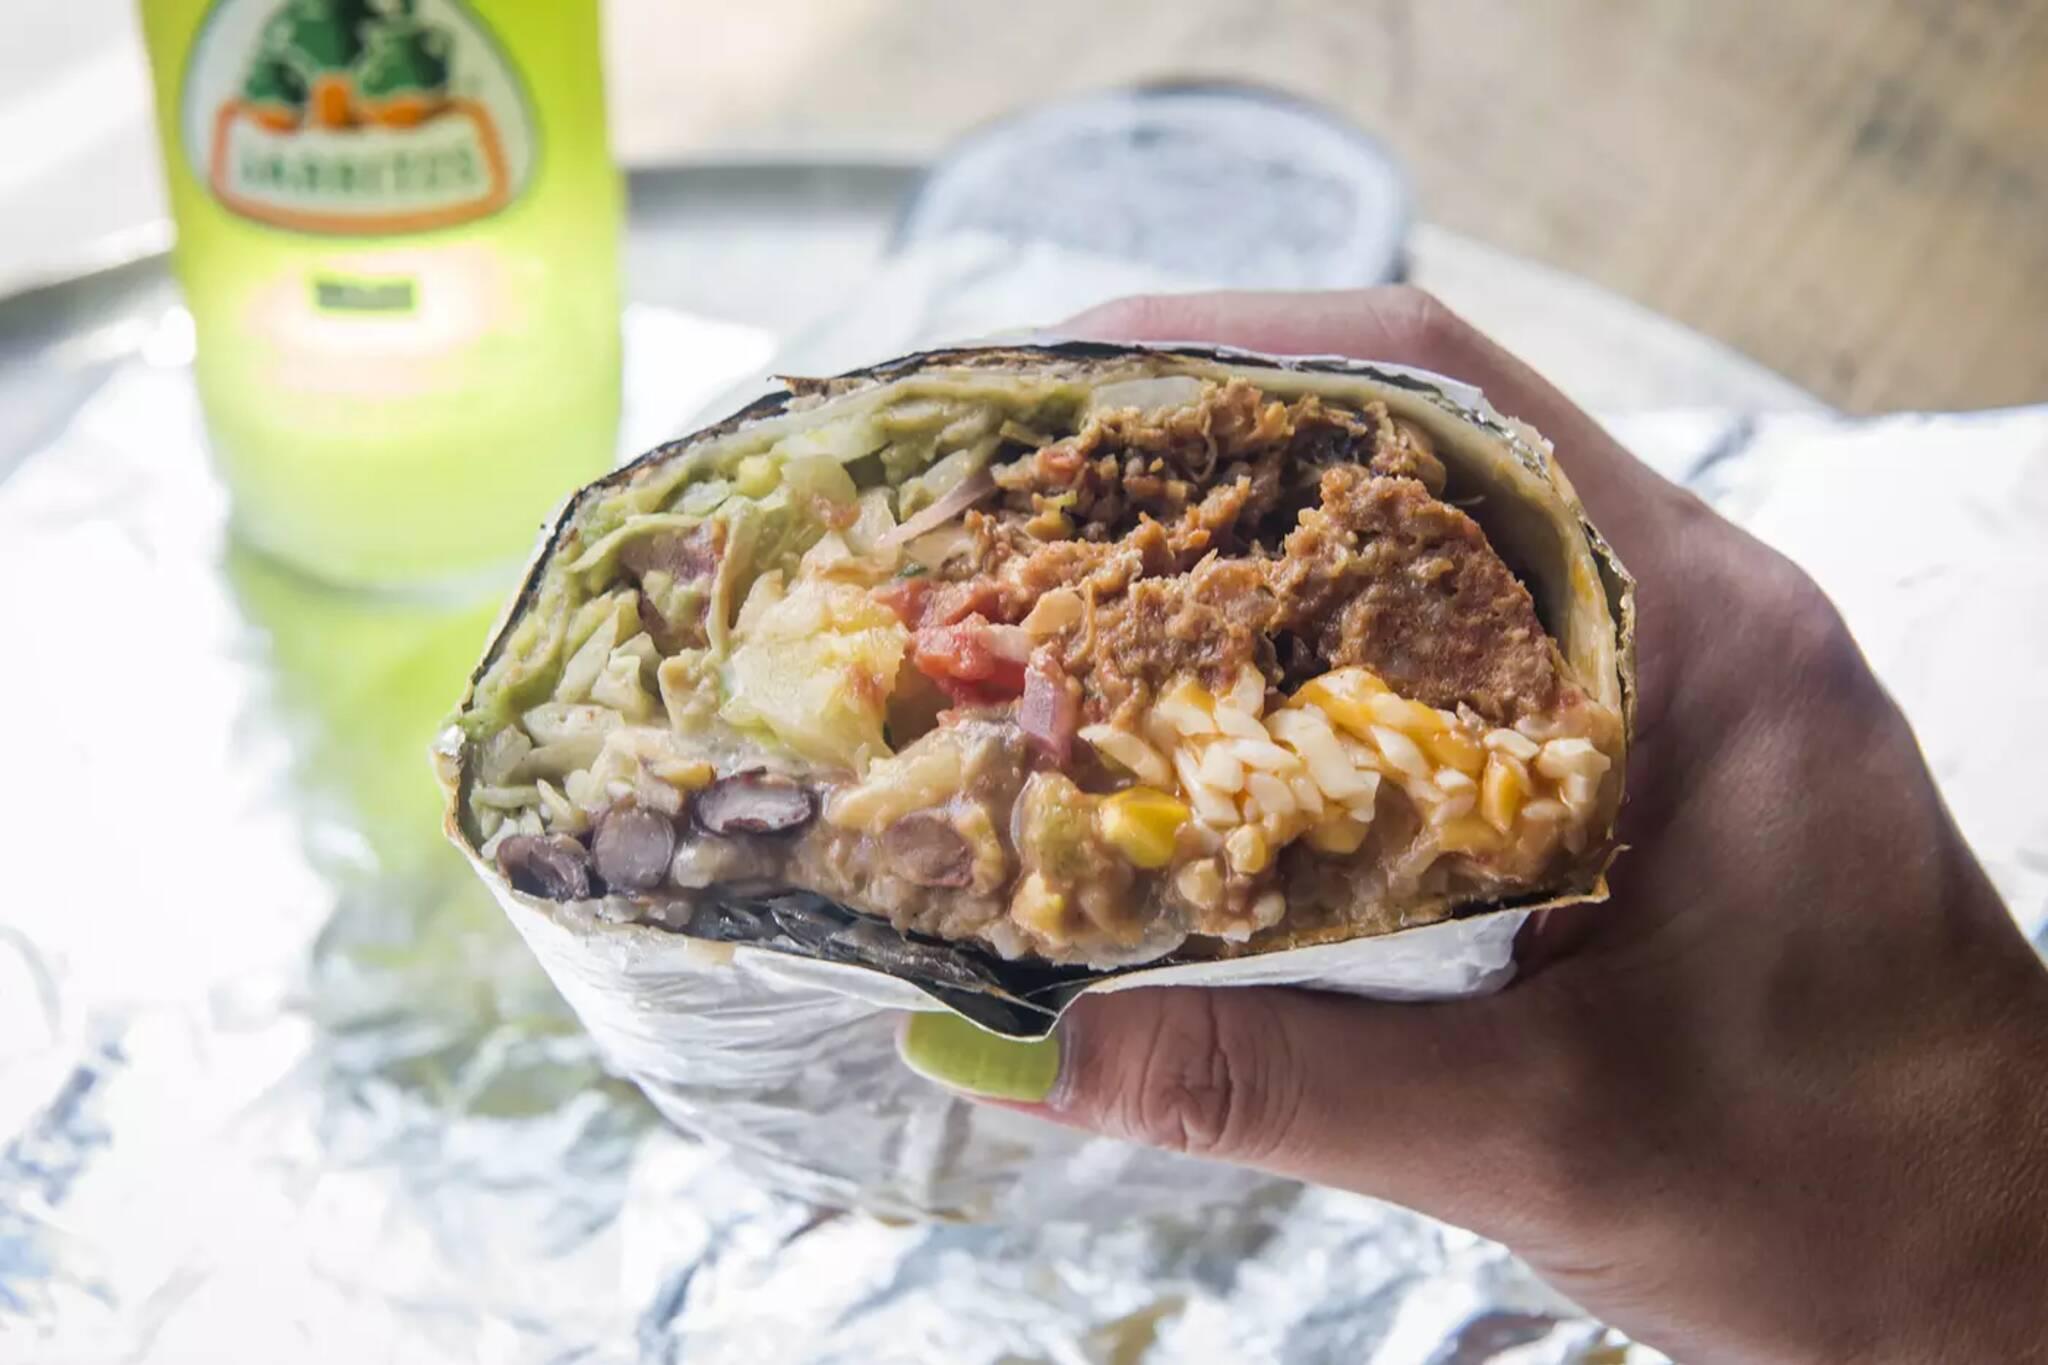 toronto burritos